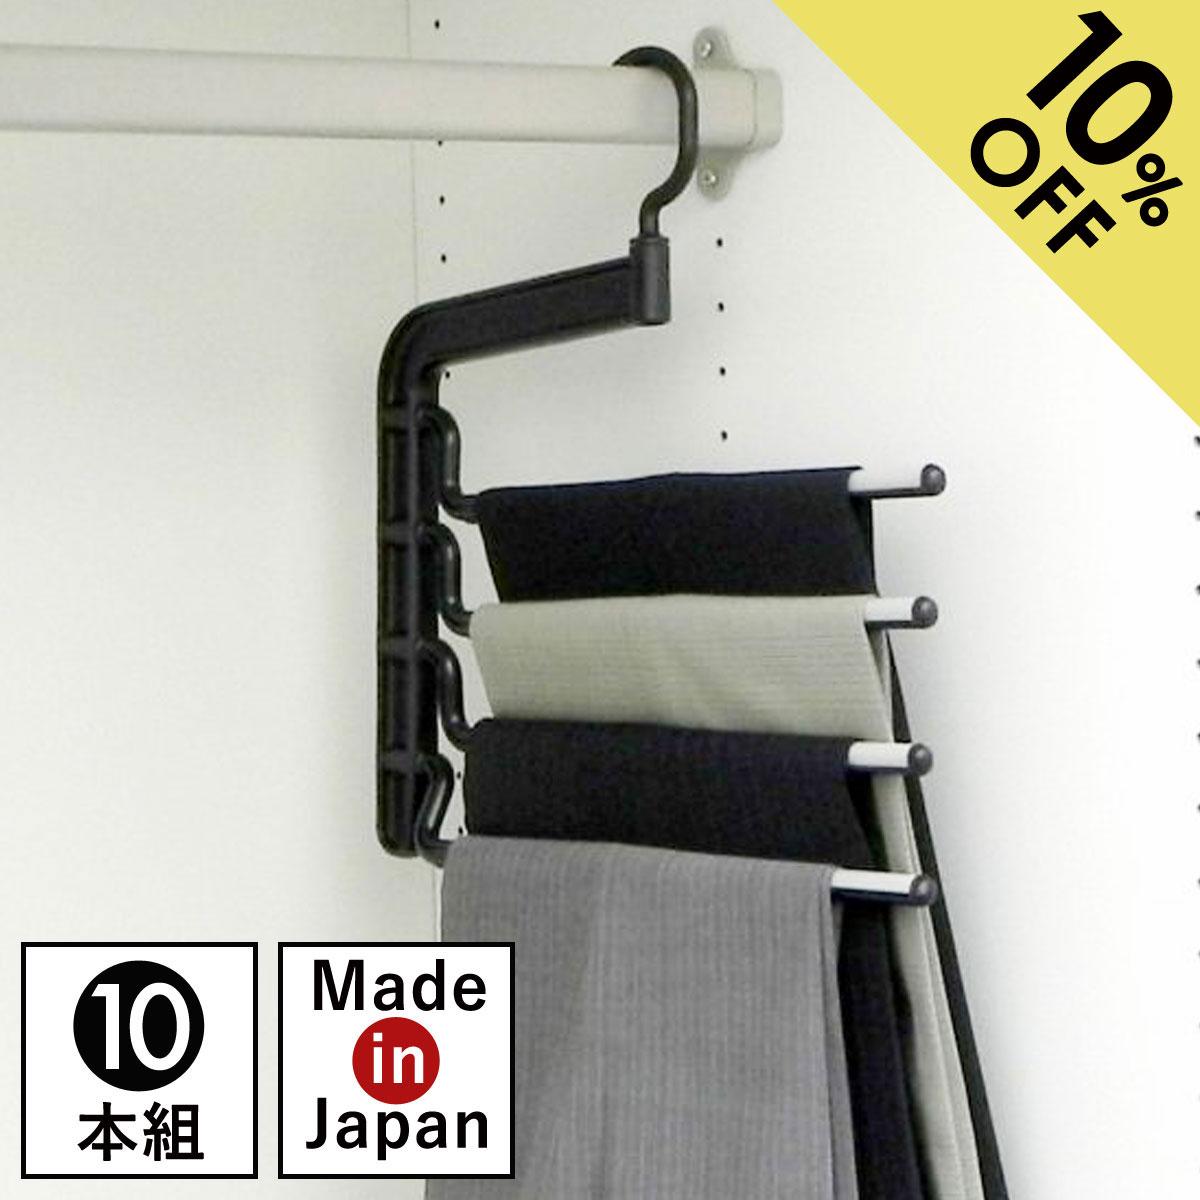 ハンガー すべらない おしゃれ クリップハンガー スカートハンガー ズボンハンガー ベストライン ニュー・4ストップ 10本セット 日本製